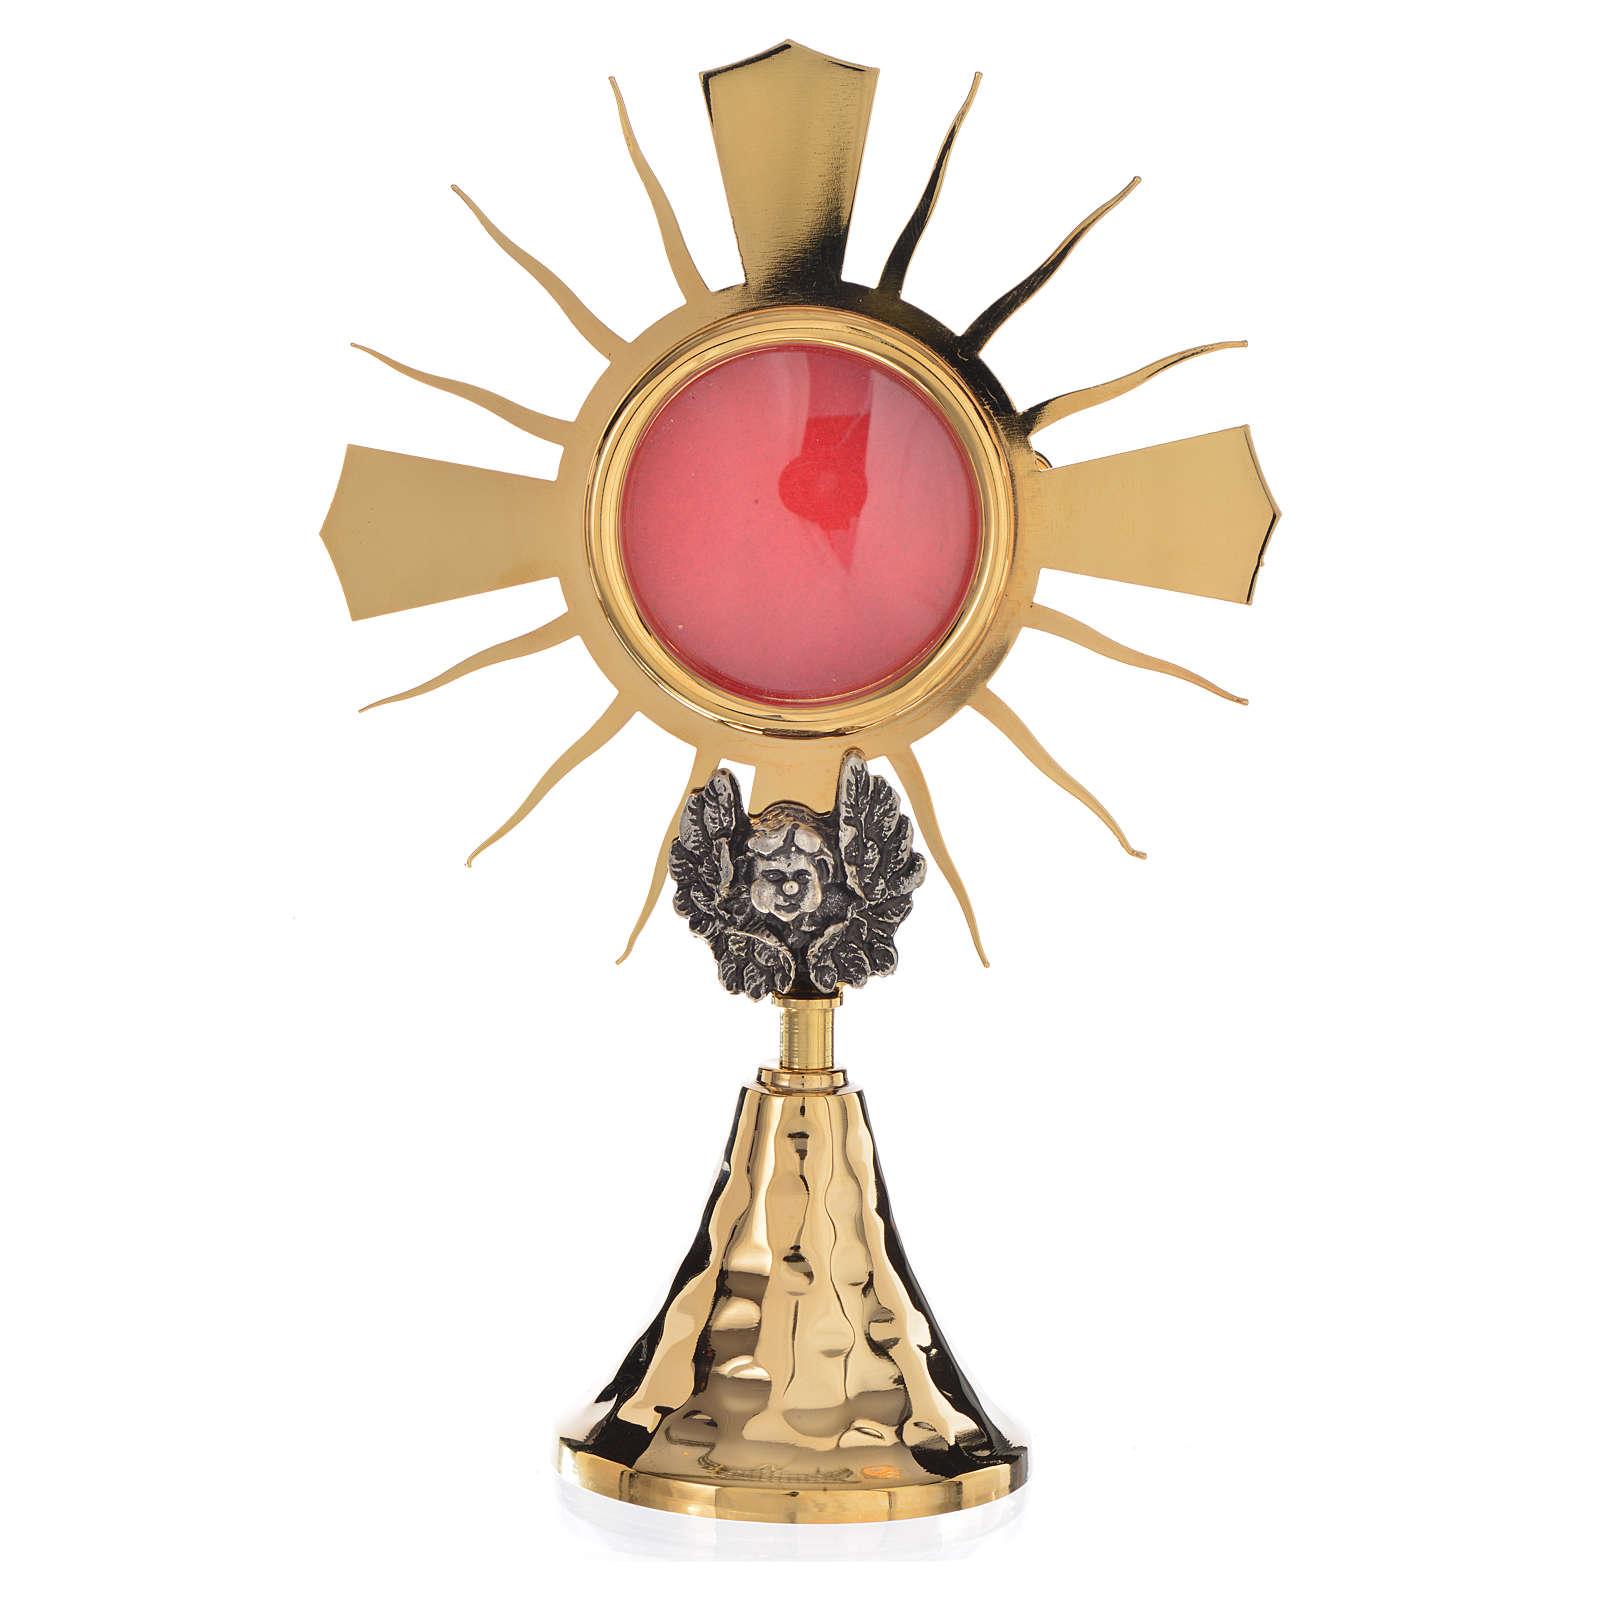 Pojemnik na relikwie złocony mosiądz putto posrebrzany h 20 cm 4